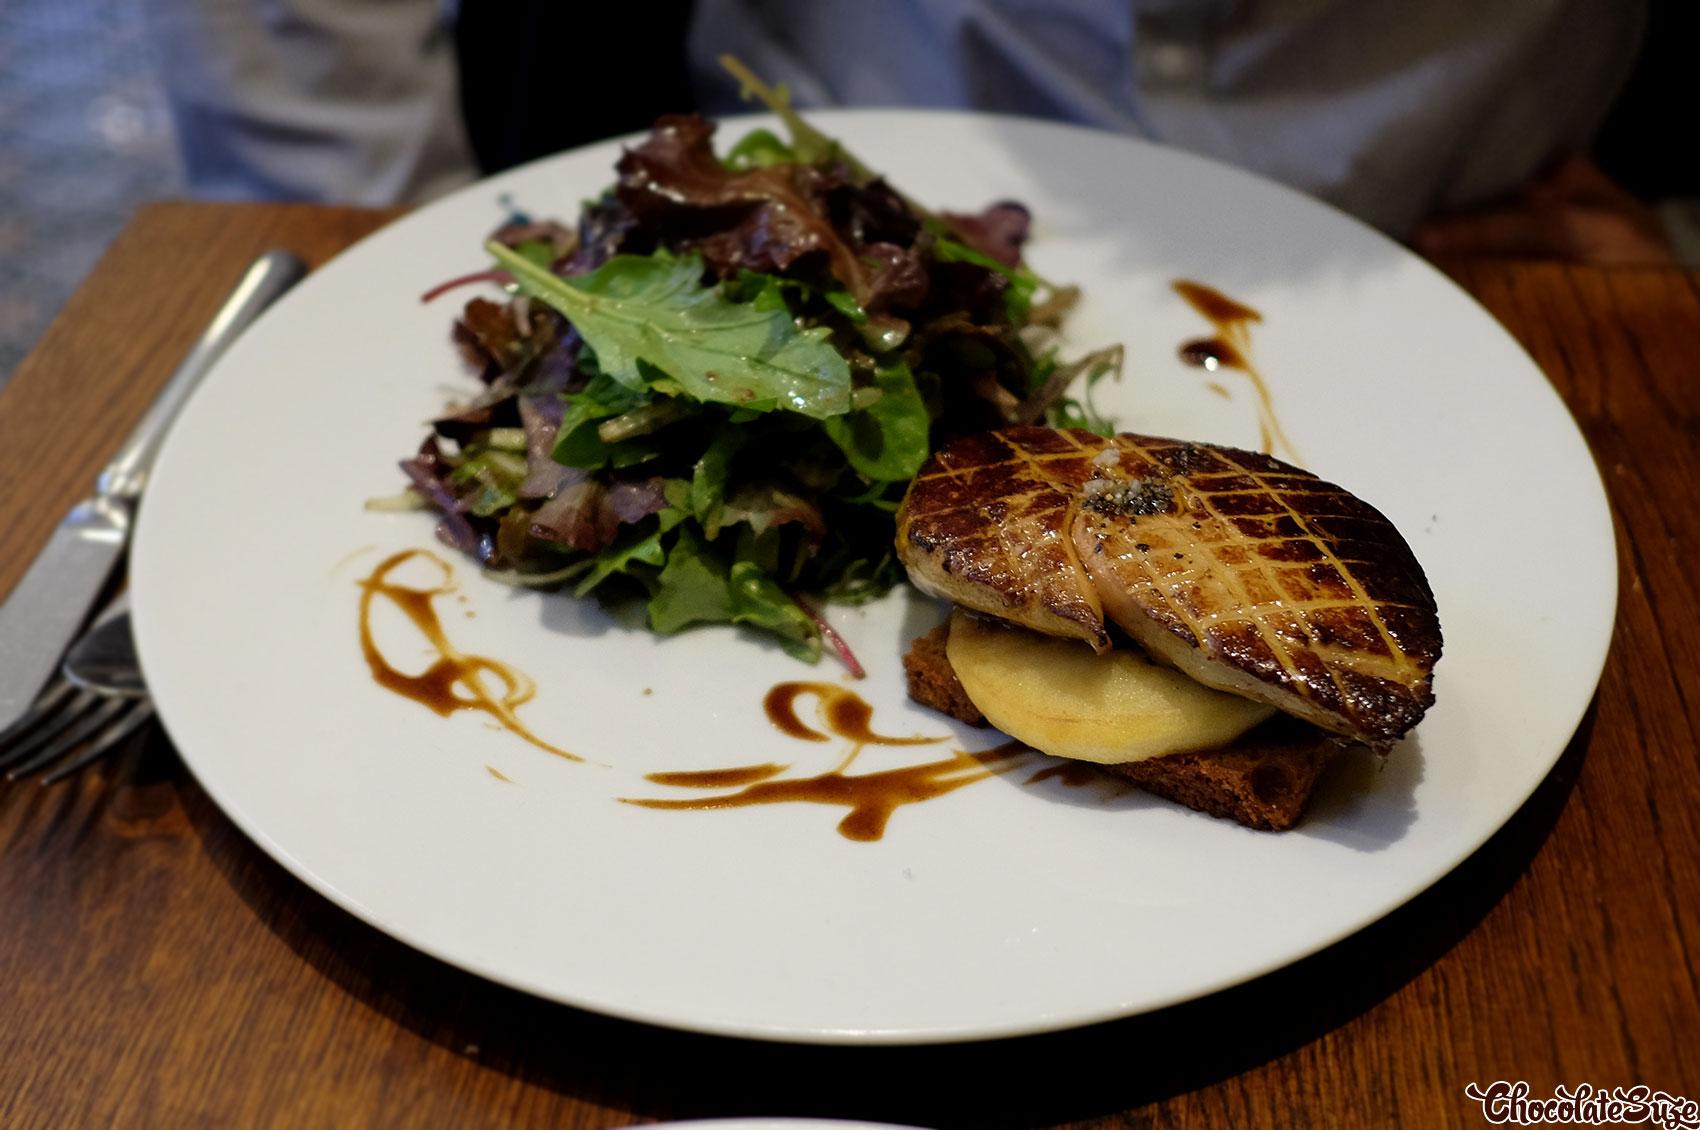 Pan seared foie gras with gingerbread at Le Comptoir de la Gastronomie, Paris